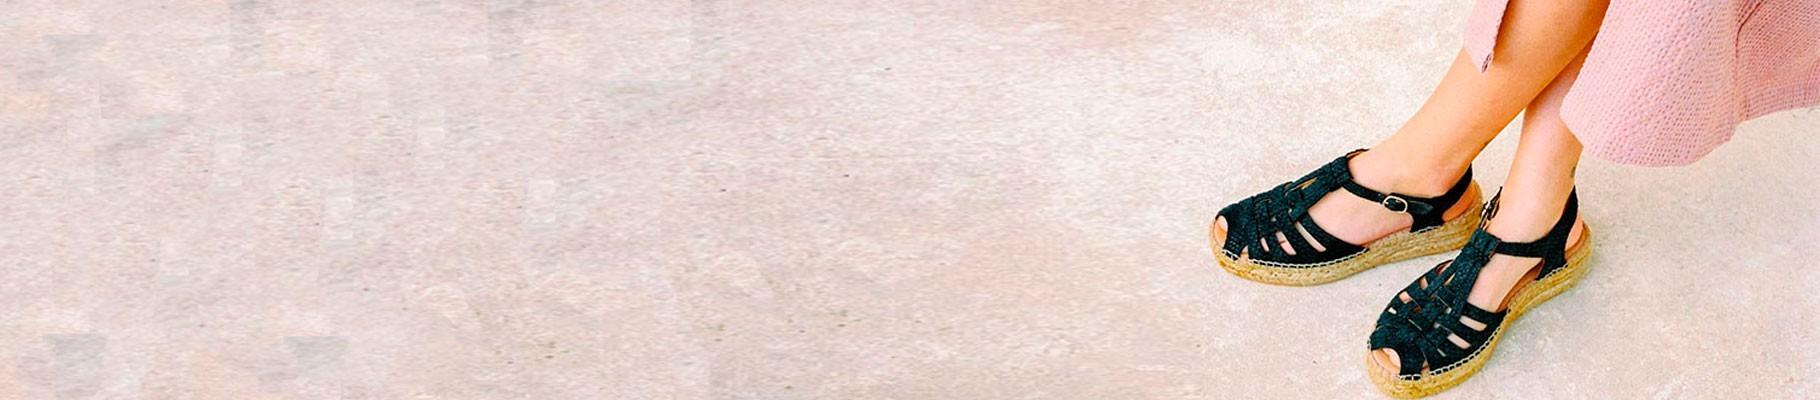 Sandales pour femme chez Suneonline